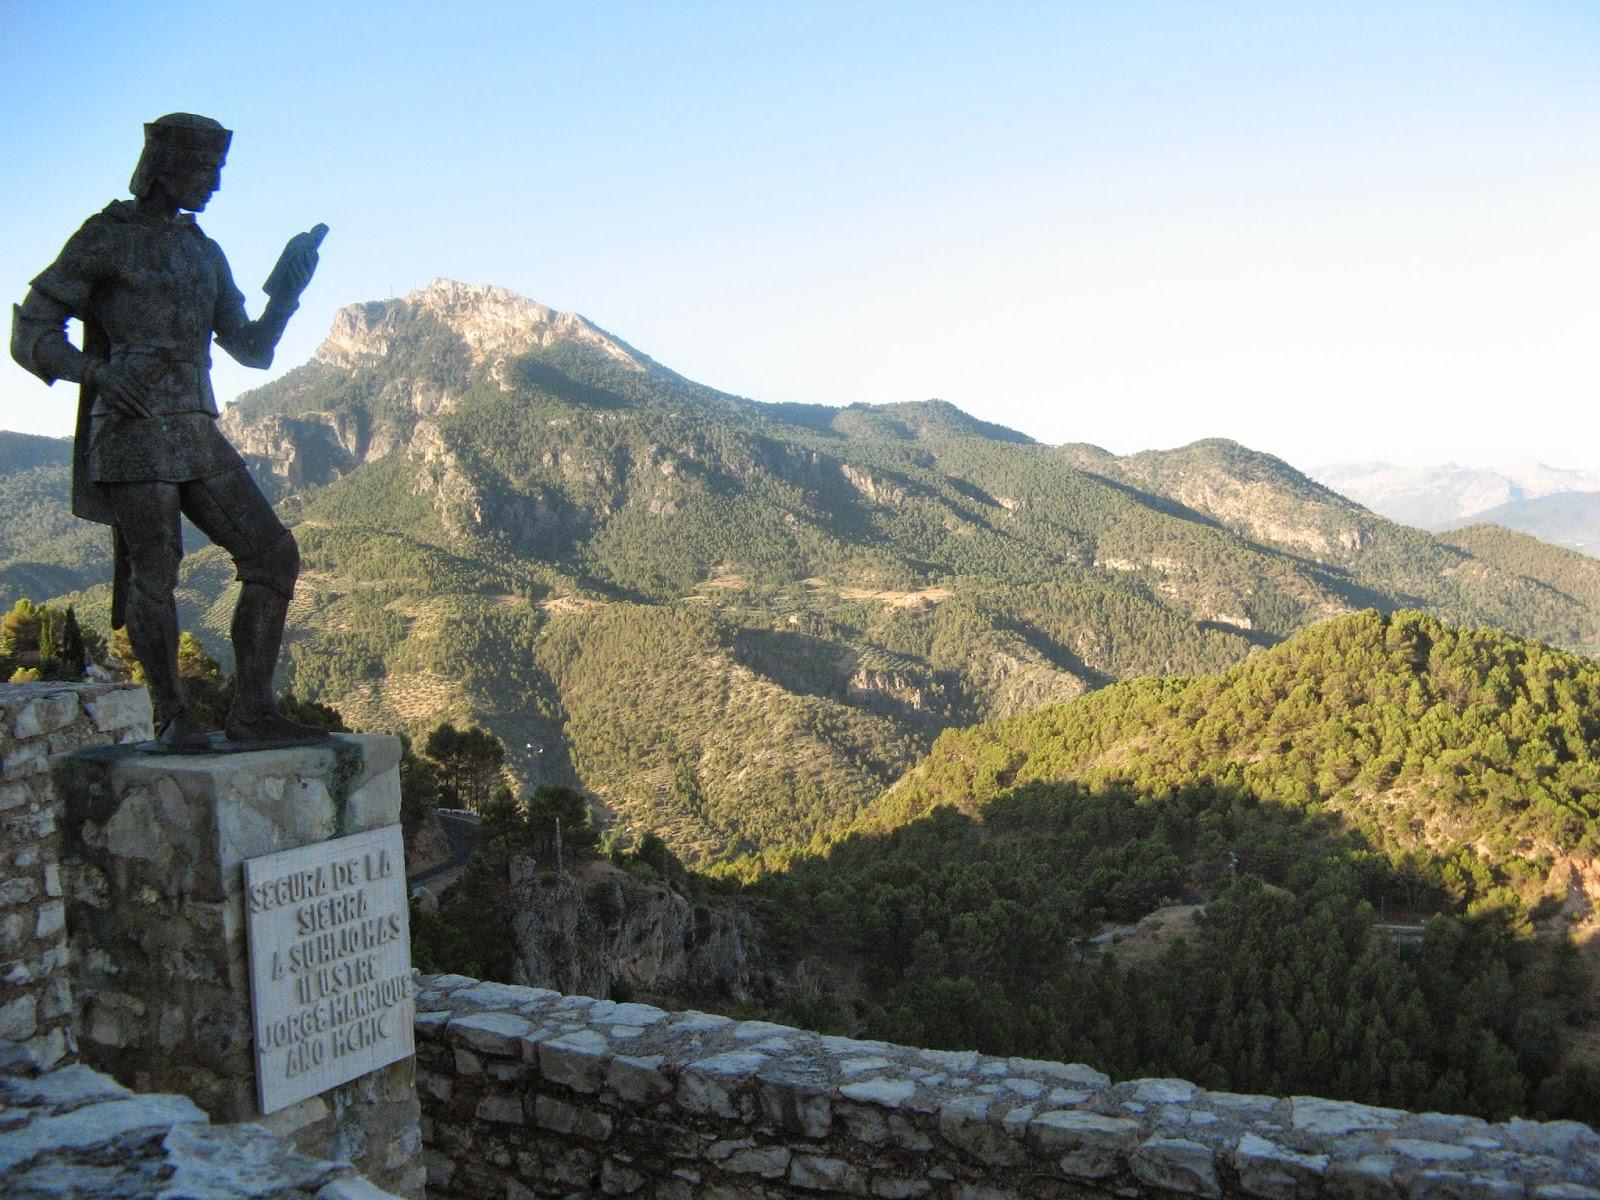 Resultado de imagen de SEGURA DE LA SIERRA (JAÉN)